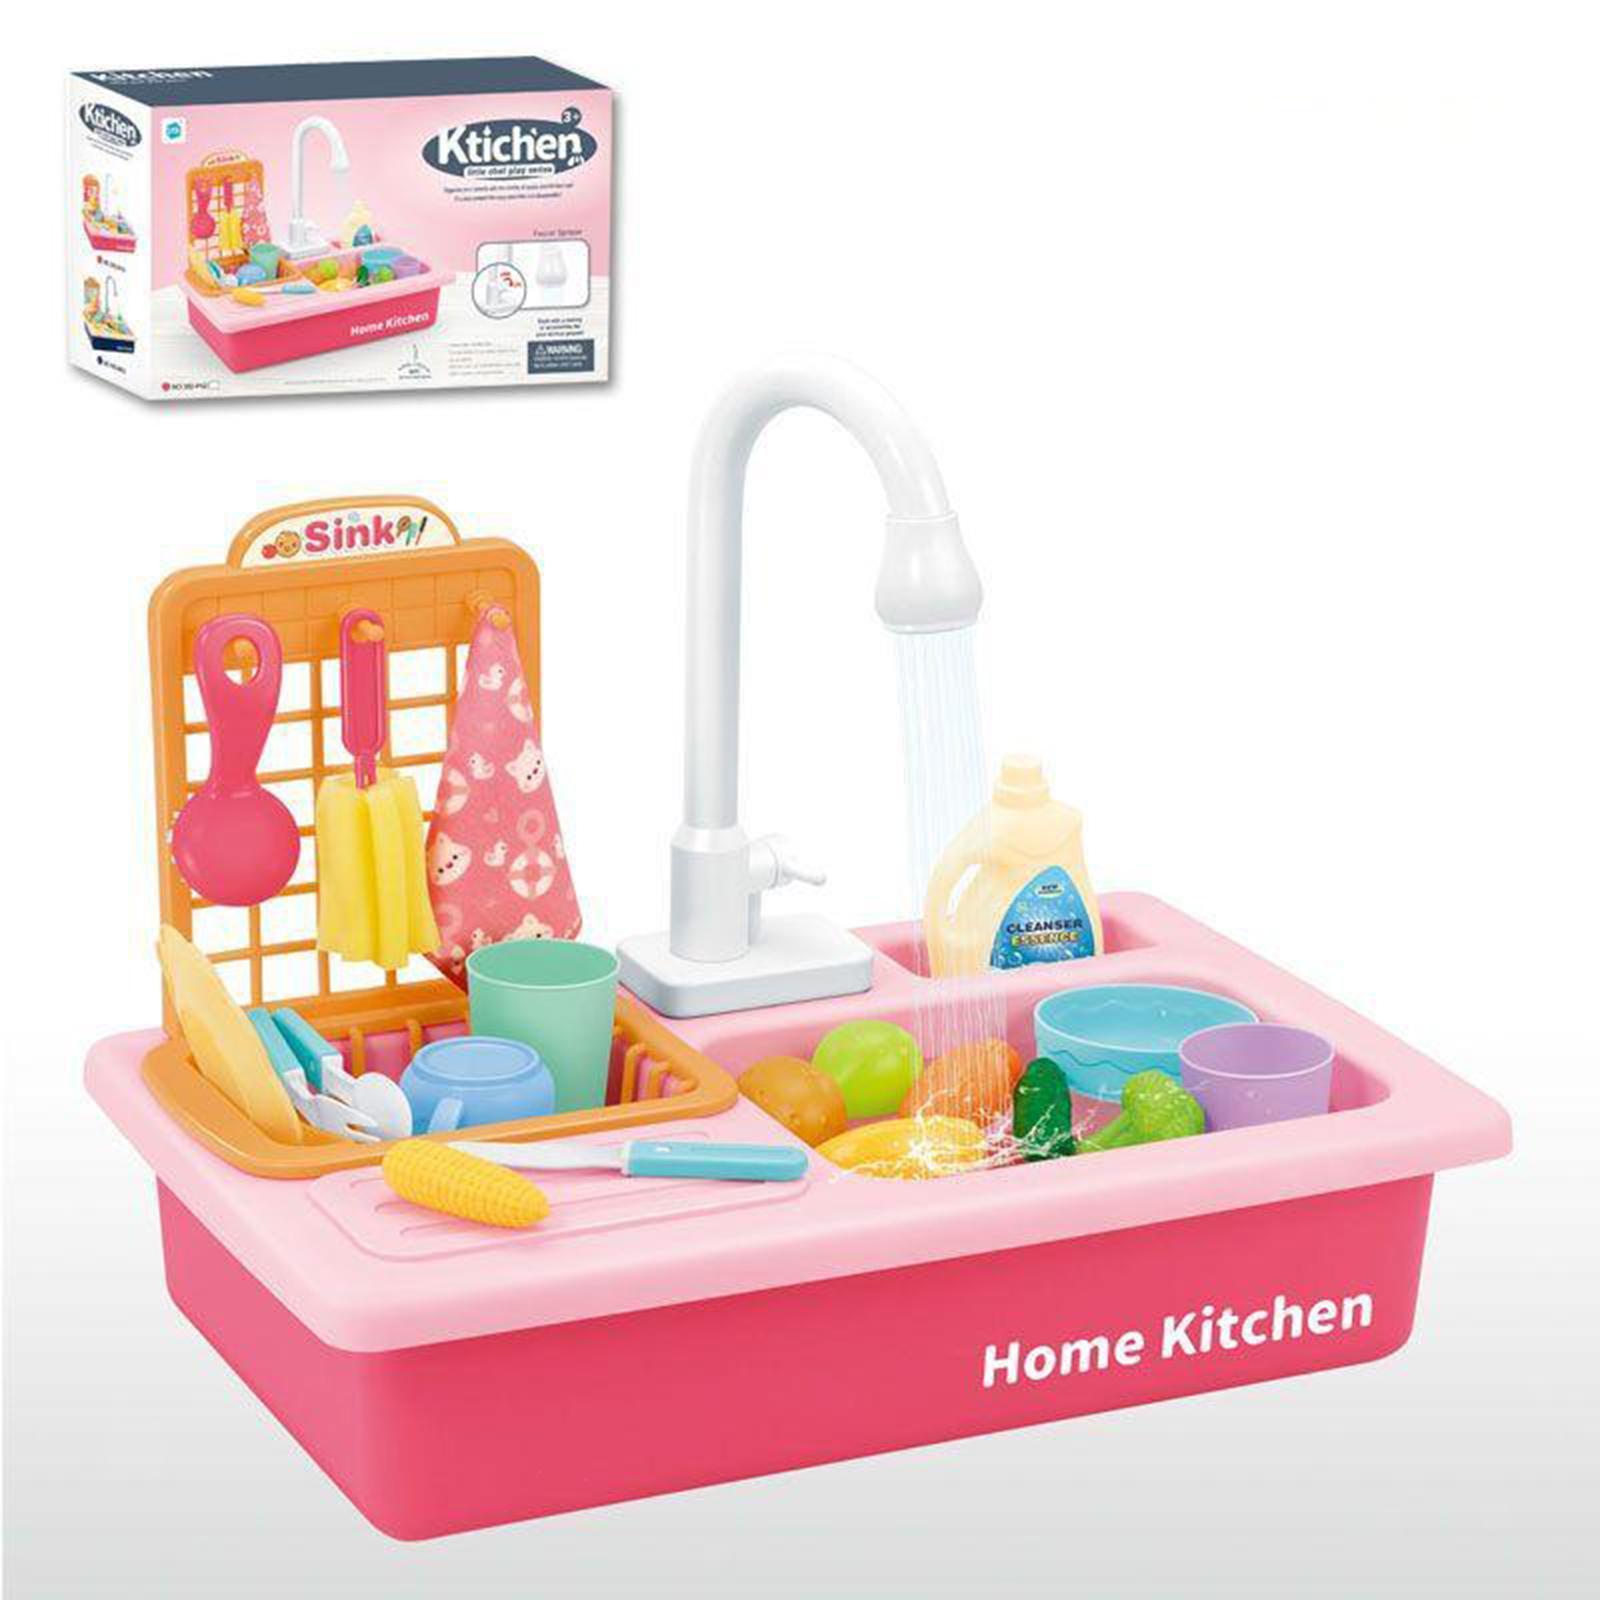 Indexbild 12 - Kinder-Kueche-Spielen-Waschbecken-Spielzeug-Automatische-Wasser-Zyklus-System